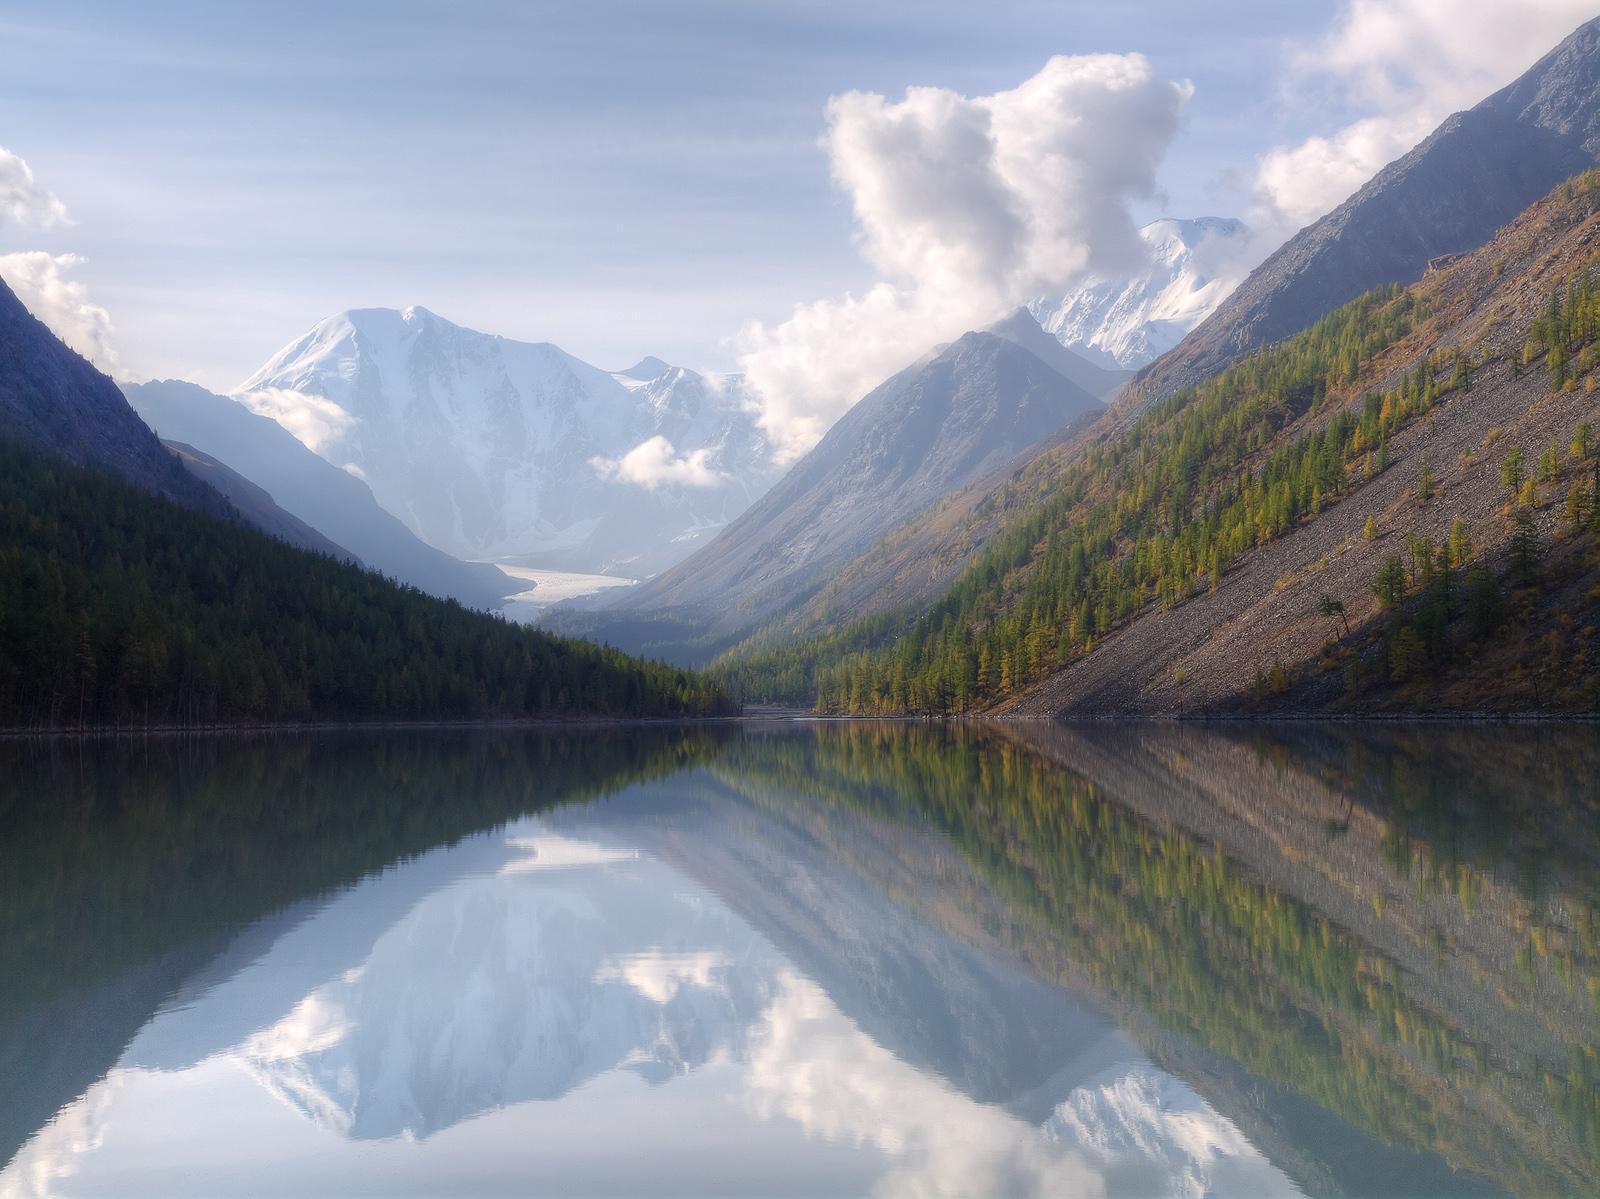 알타이 산악 지역은 바이칼 호수와 함께 시베리아에서 가장 인기 있는 관광지이다.